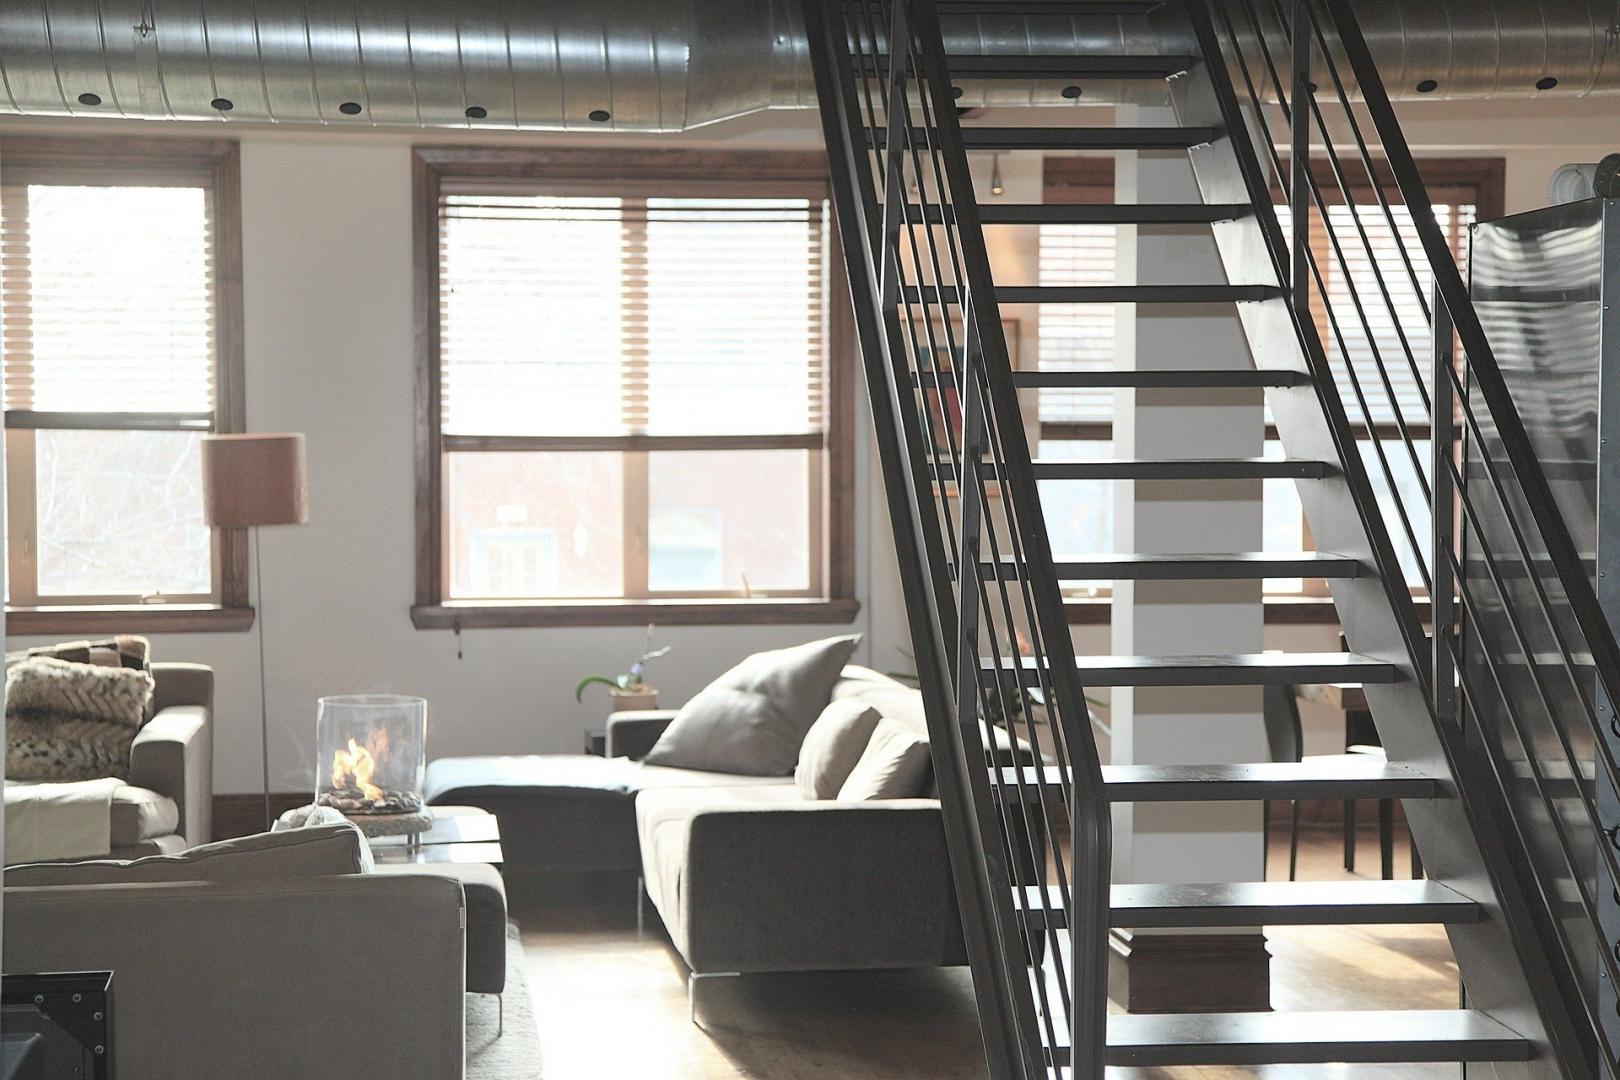 Worauf Achten Bei Wohnungsbesichtigung